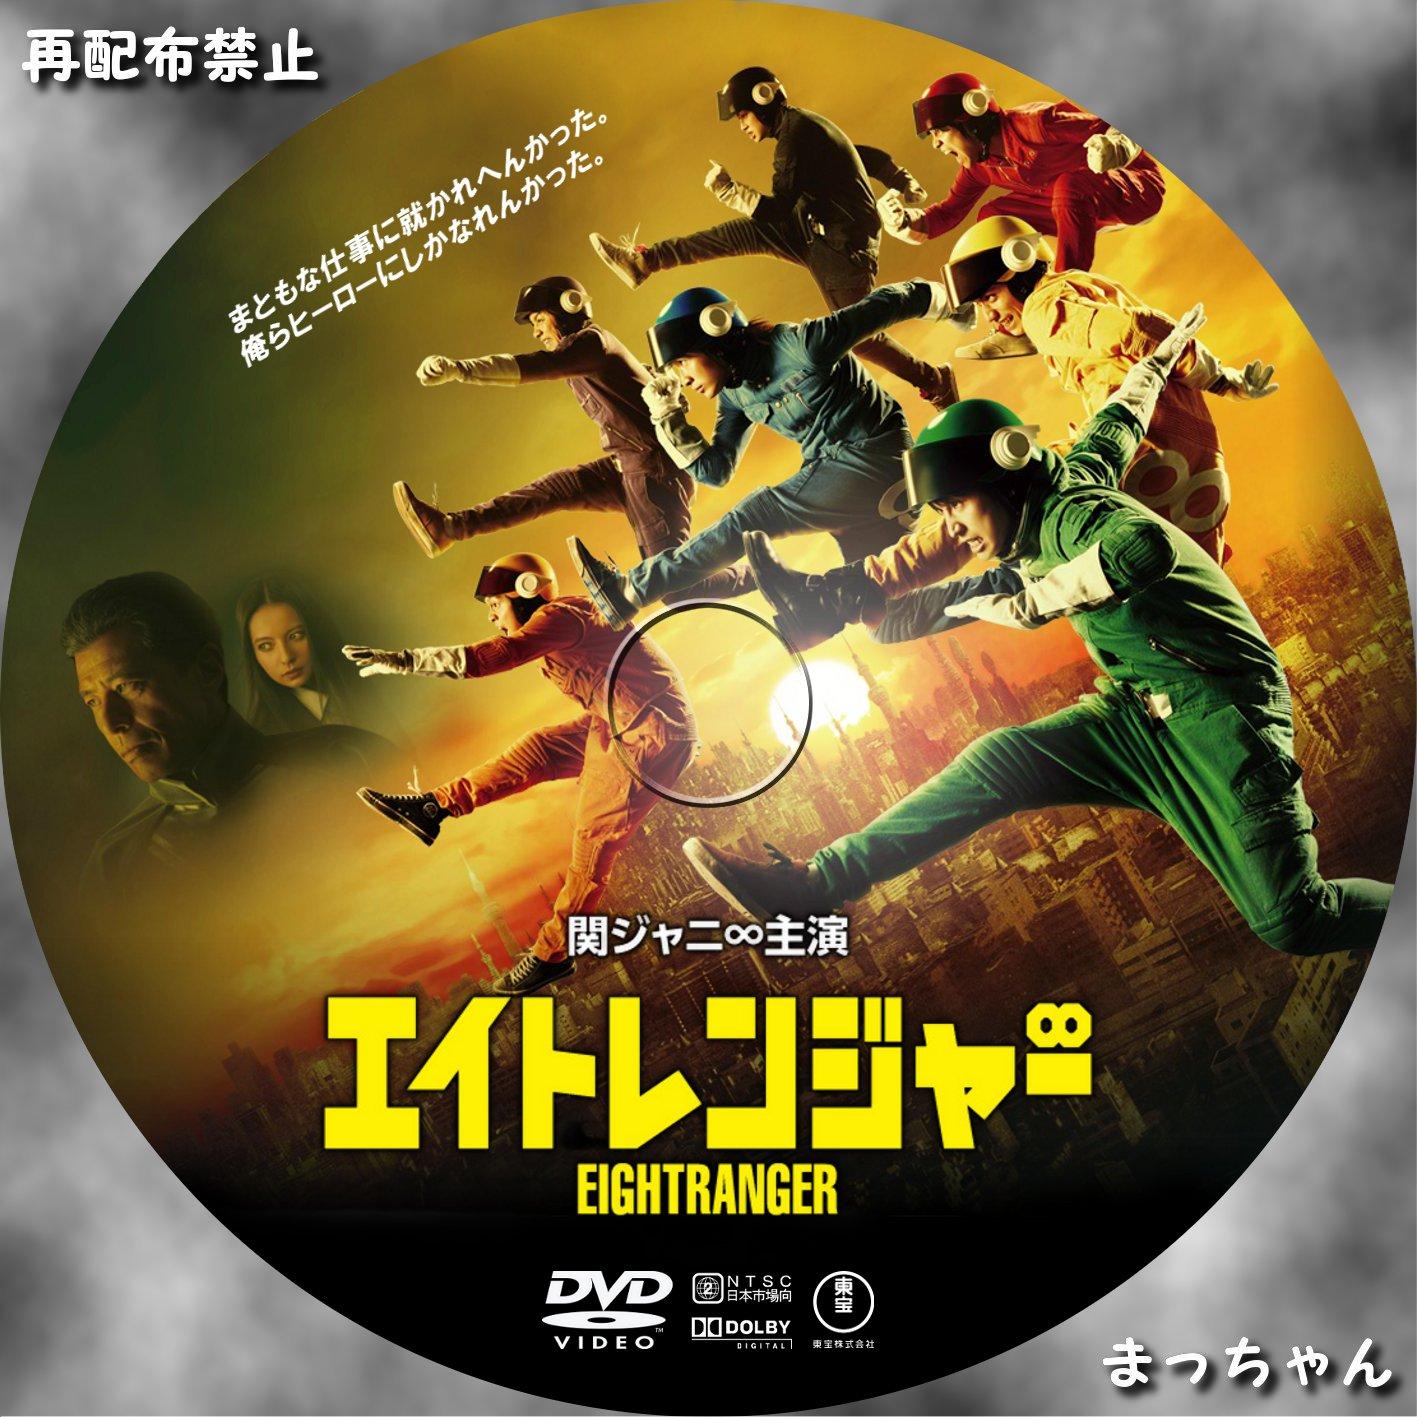 まっちゃんの☆自作DVDラベル☆